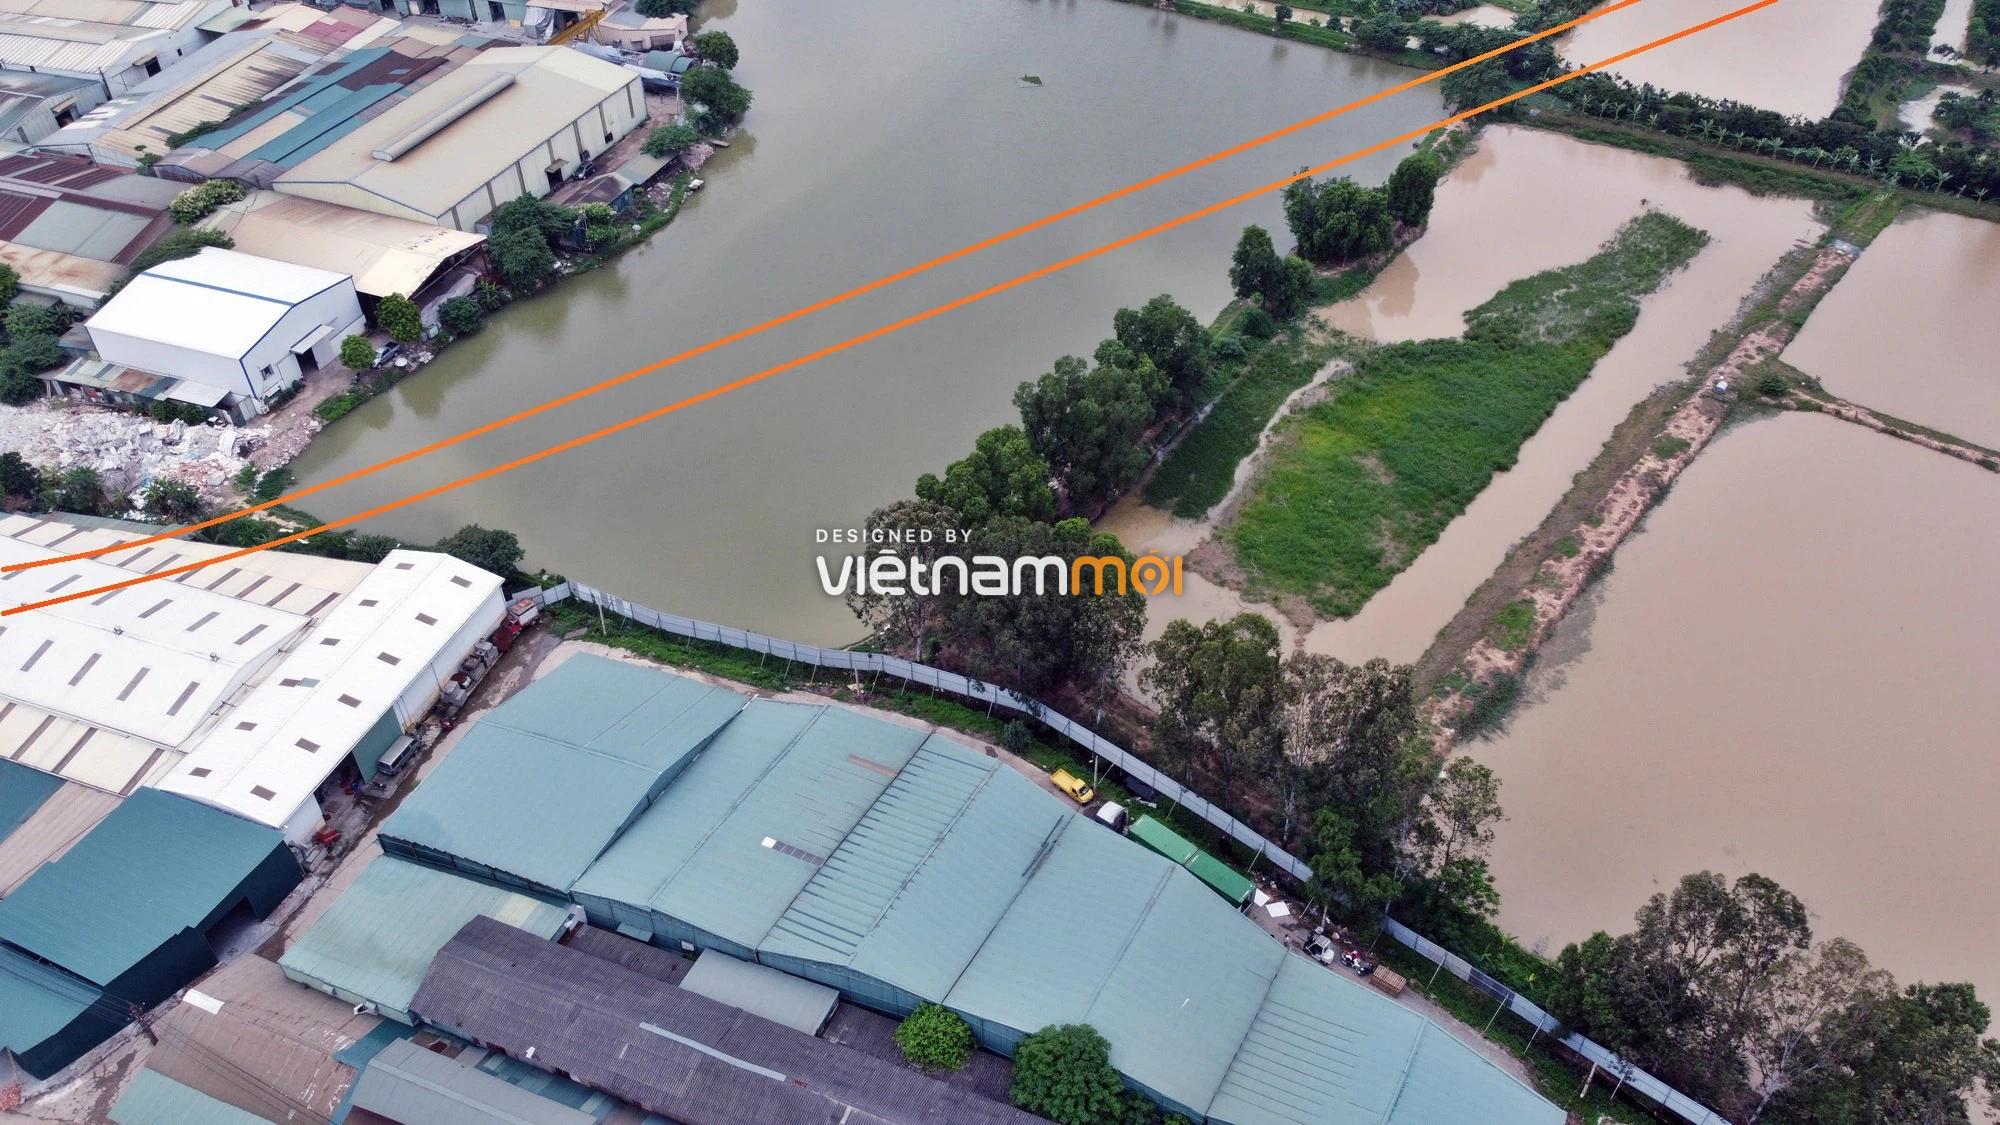 Những khu đất sắp thu hồi để mở đường ở phường Tây Mỗ, Nam Từ Liêm, Hà Nội (phần 3) - Ảnh 4.